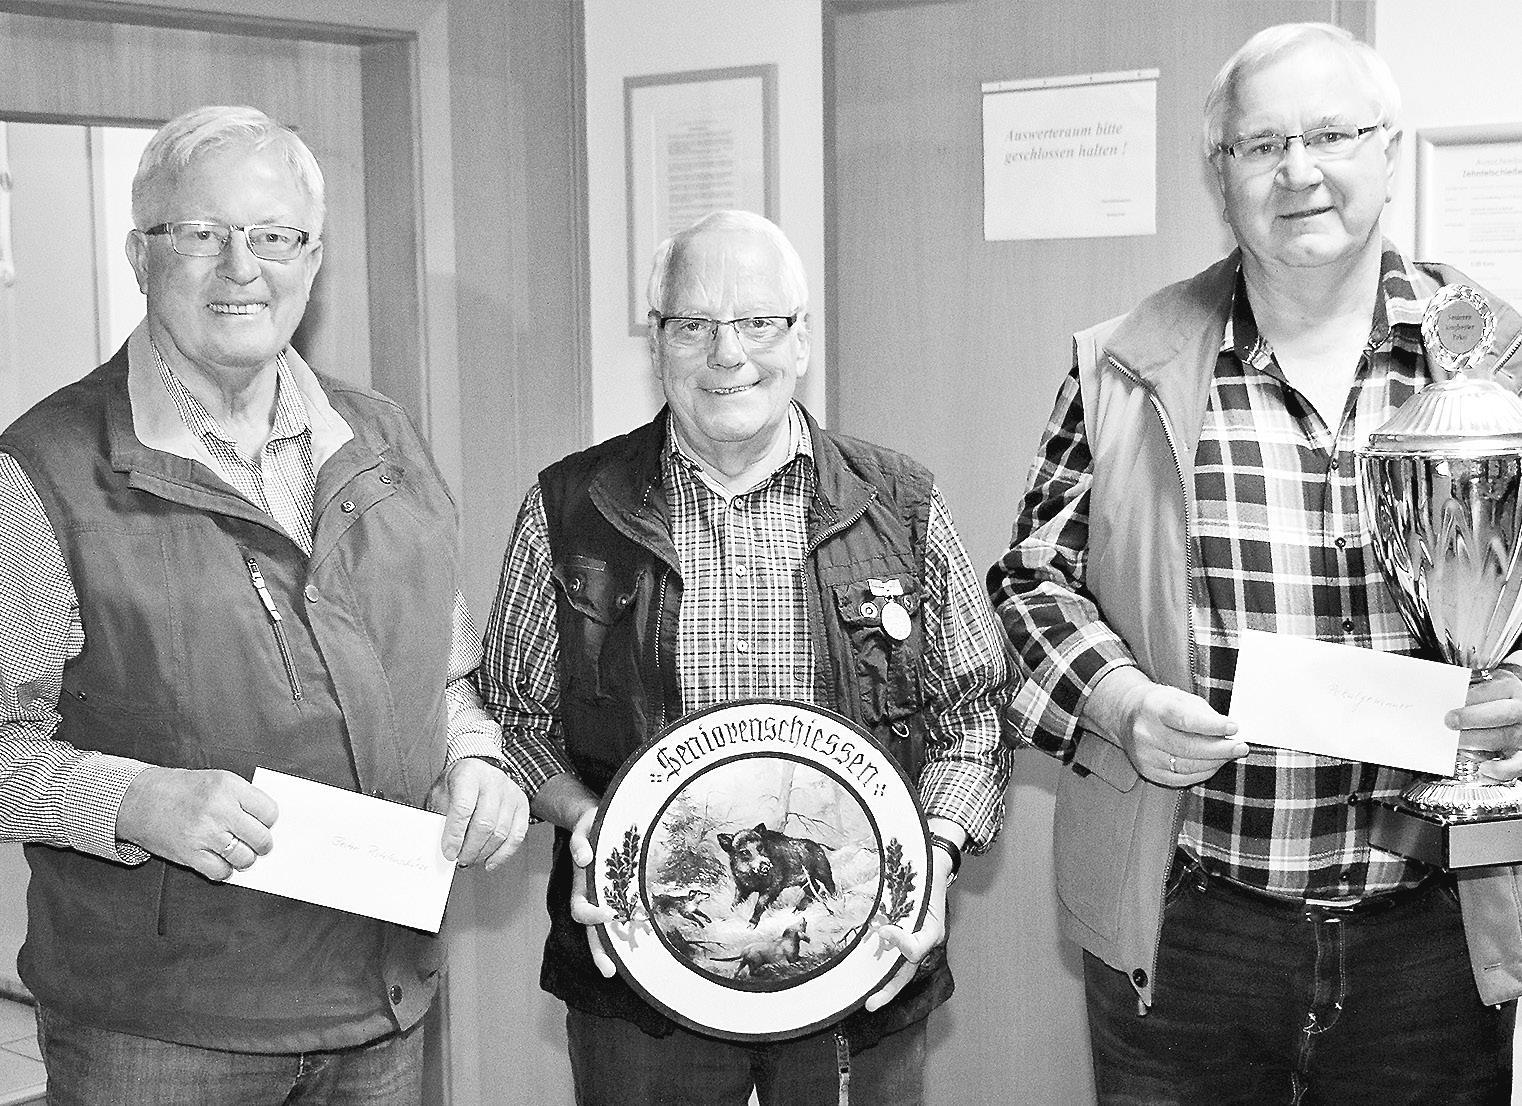 Die drei Besten im Seniorenschießen 60+ im zweiten Quartal 2019: Heinrich Hoffmeier (von links), Wilfried Marks und Günther Schülke. Foto: Heinemann Gahlau